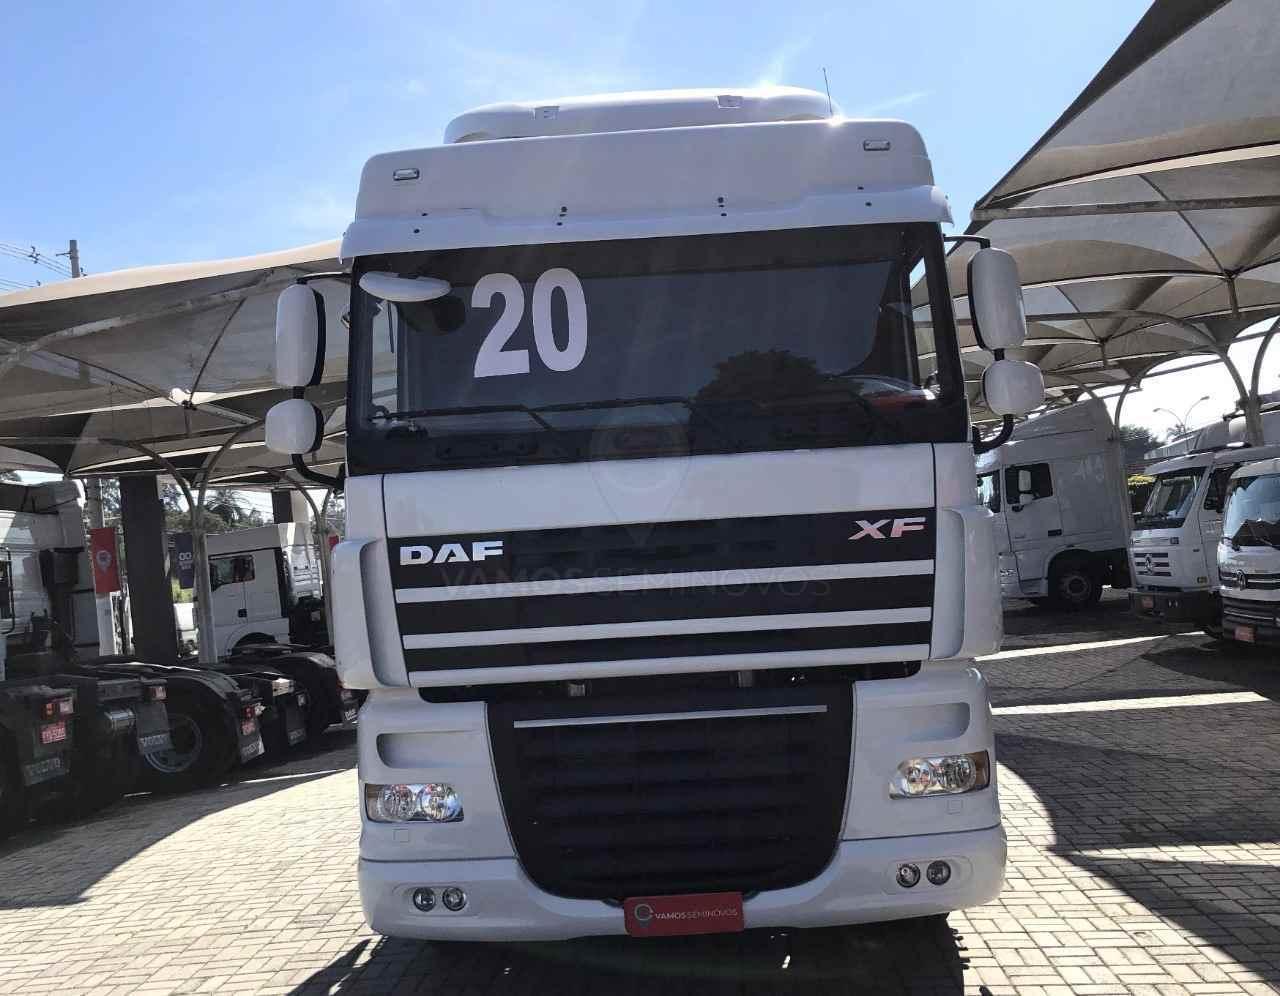 CAMINHAO DAF DAF XF105 460 Cavalo Mecânico Truck 6x2 Vamos Seminovos - Regente Feijó REGENTE FEIJO SÃO PAULO SP